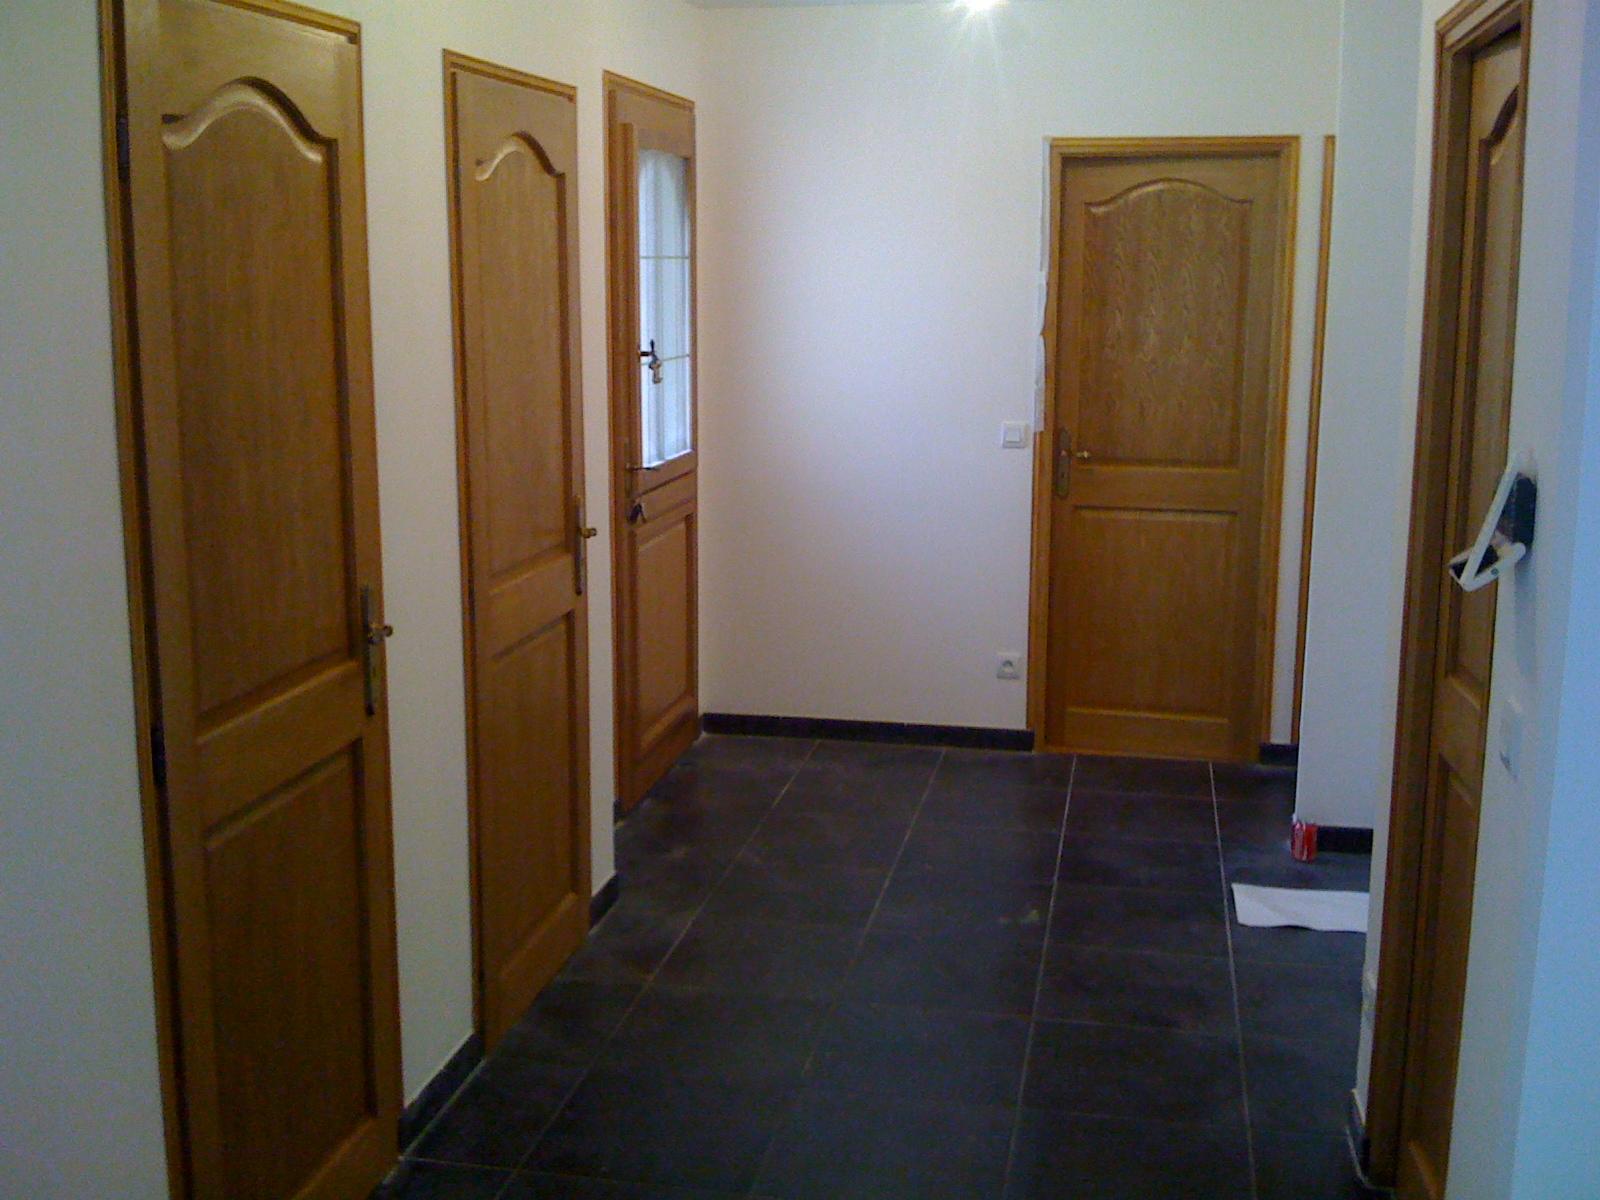 notre construction a bonneville la louvet pose du carrelage au sol entr e couloir cuisine. Black Bedroom Furniture Sets. Home Design Ideas